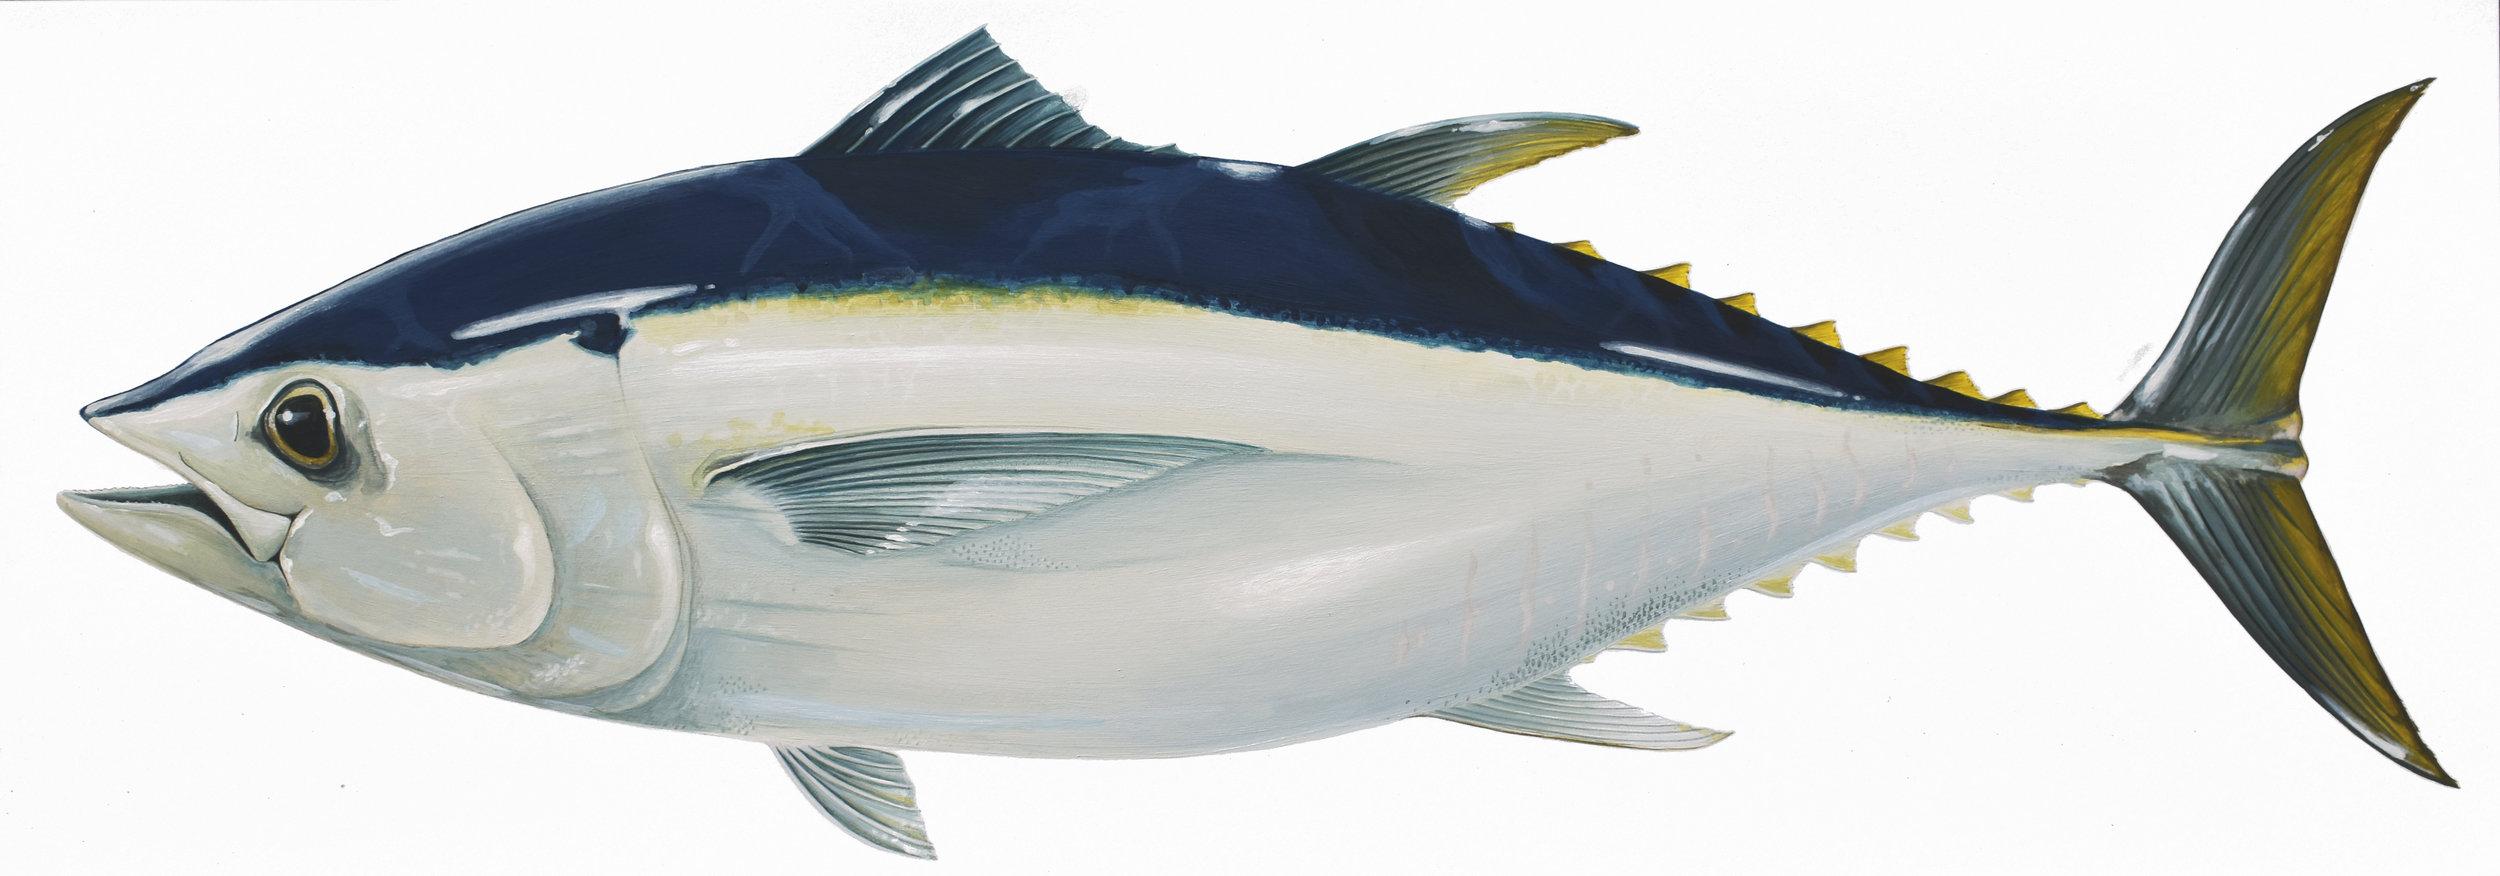 SBT Southern Bluefin Tuna.jpg